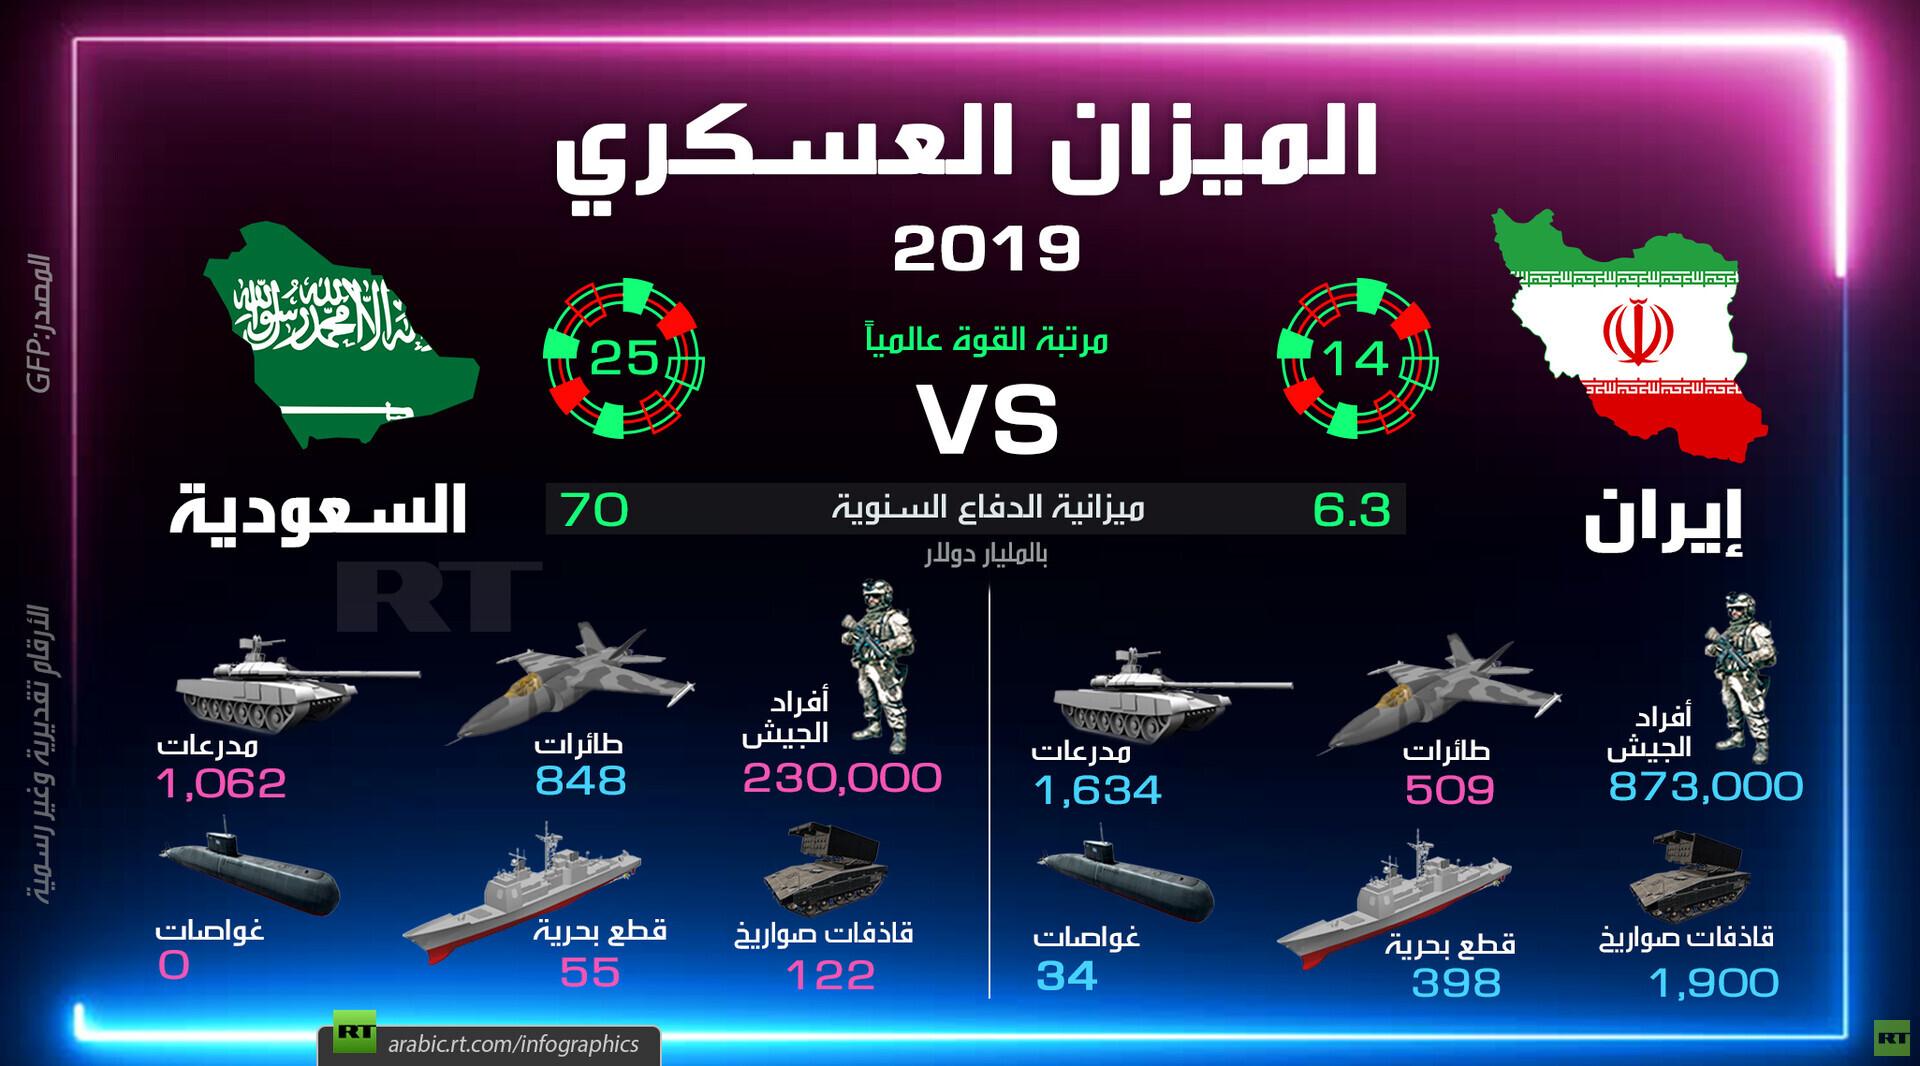 مقارنة عسكرية بين إيران والسعودية 2019